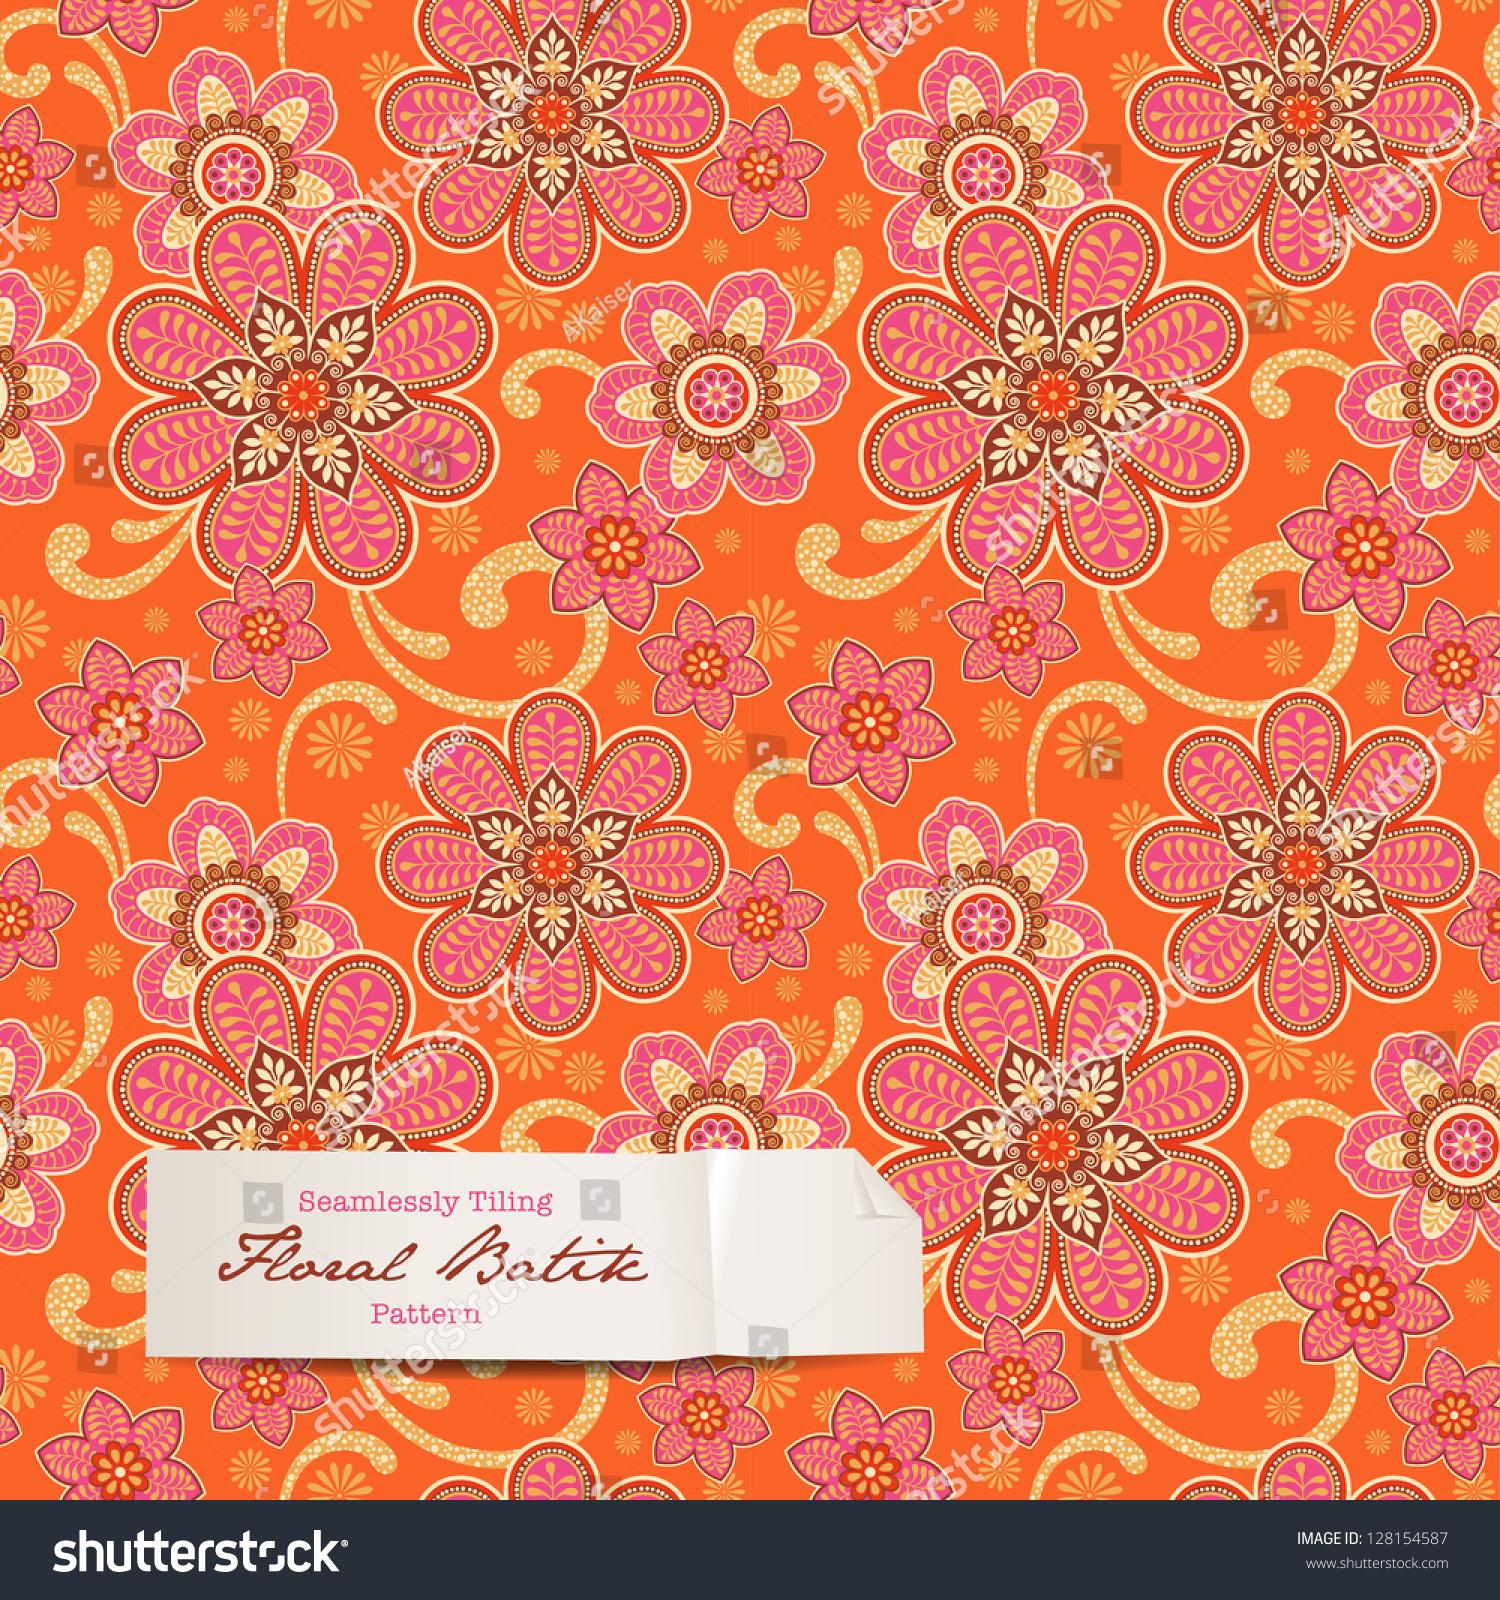 Colorful Floral Batik Pattern (Seamlessly Tiling) Stock